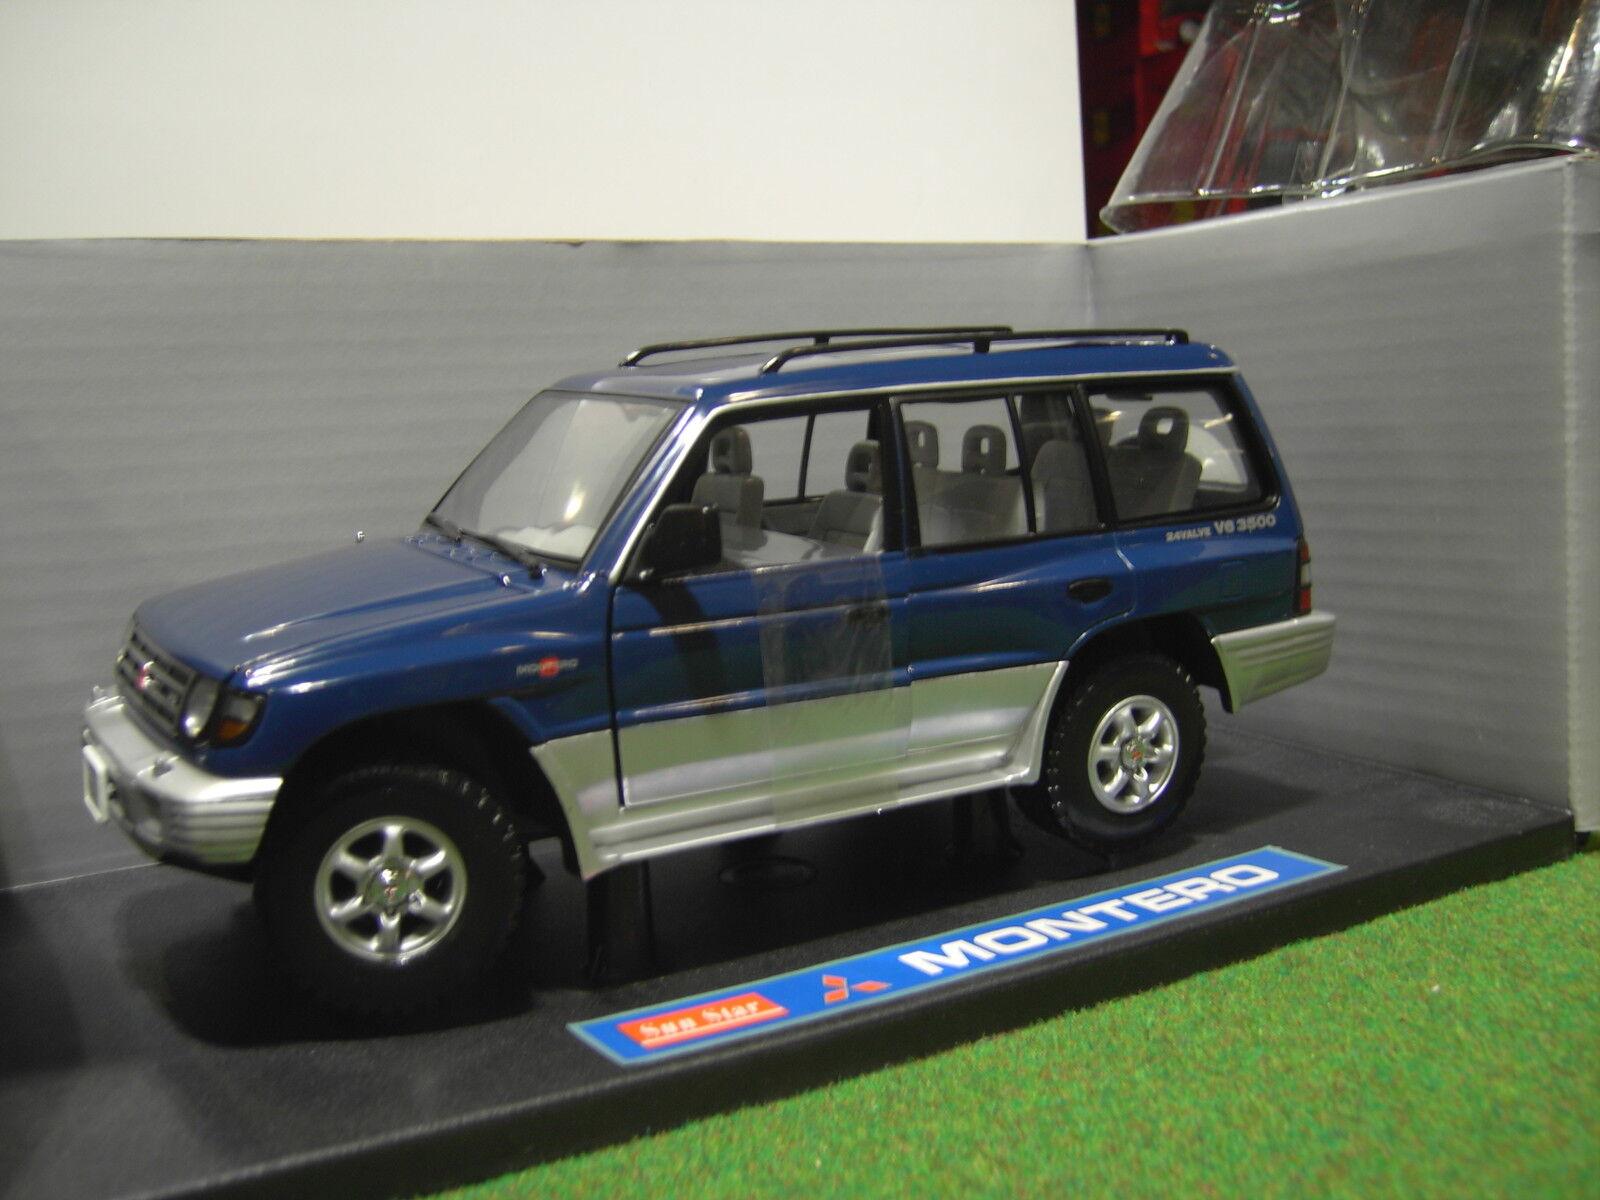 MITSUBISHI MONTERO 4X4 bleu  ( American ) o 1 18 voiture miniature SUN STAR 1215